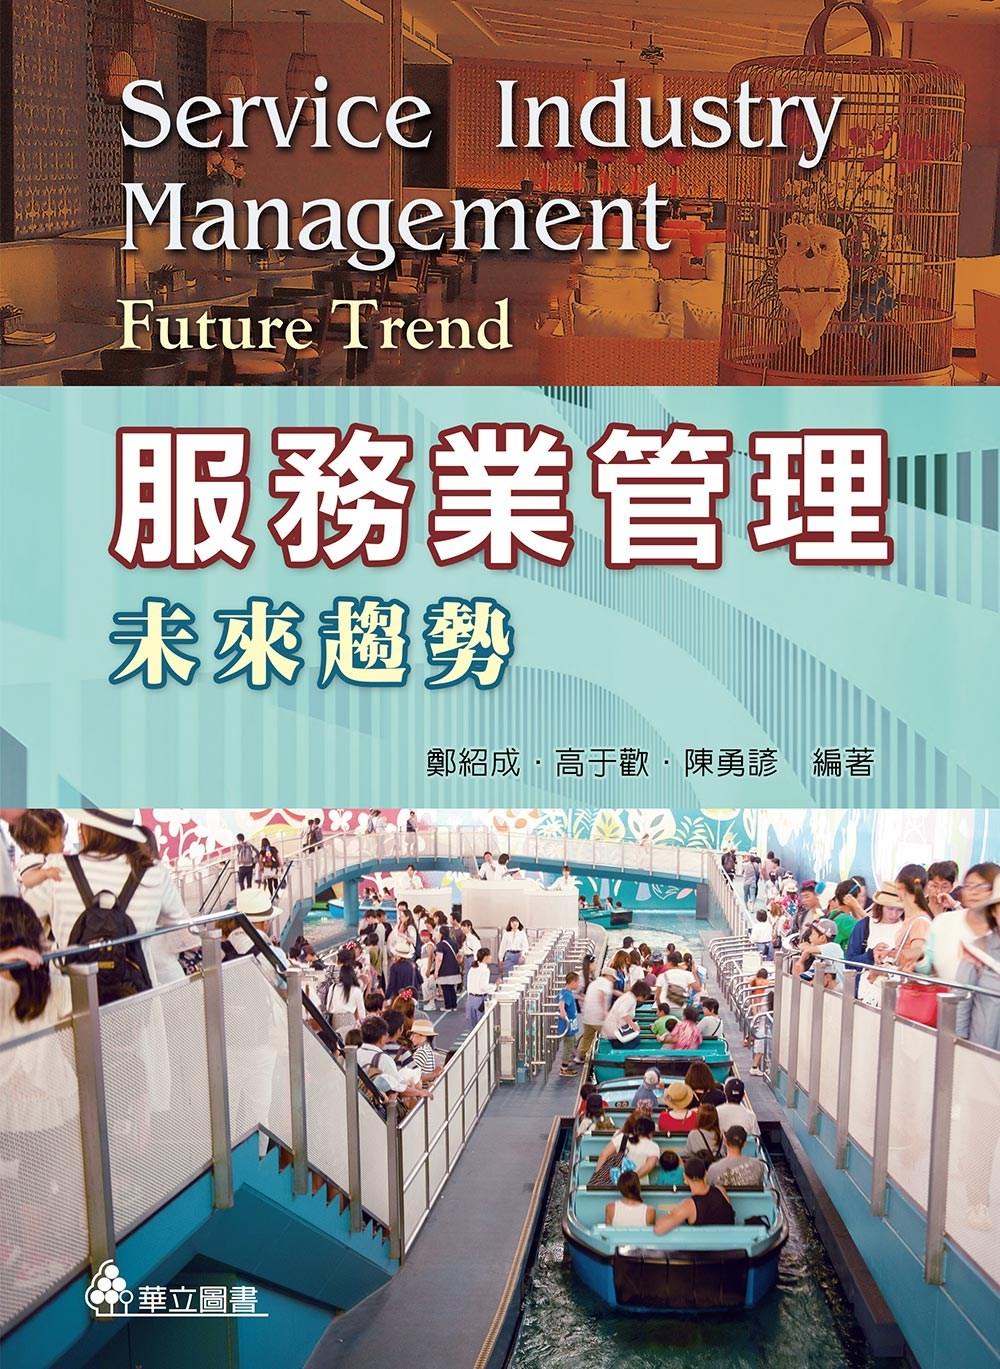 服務業管理(三版):未來趨勢